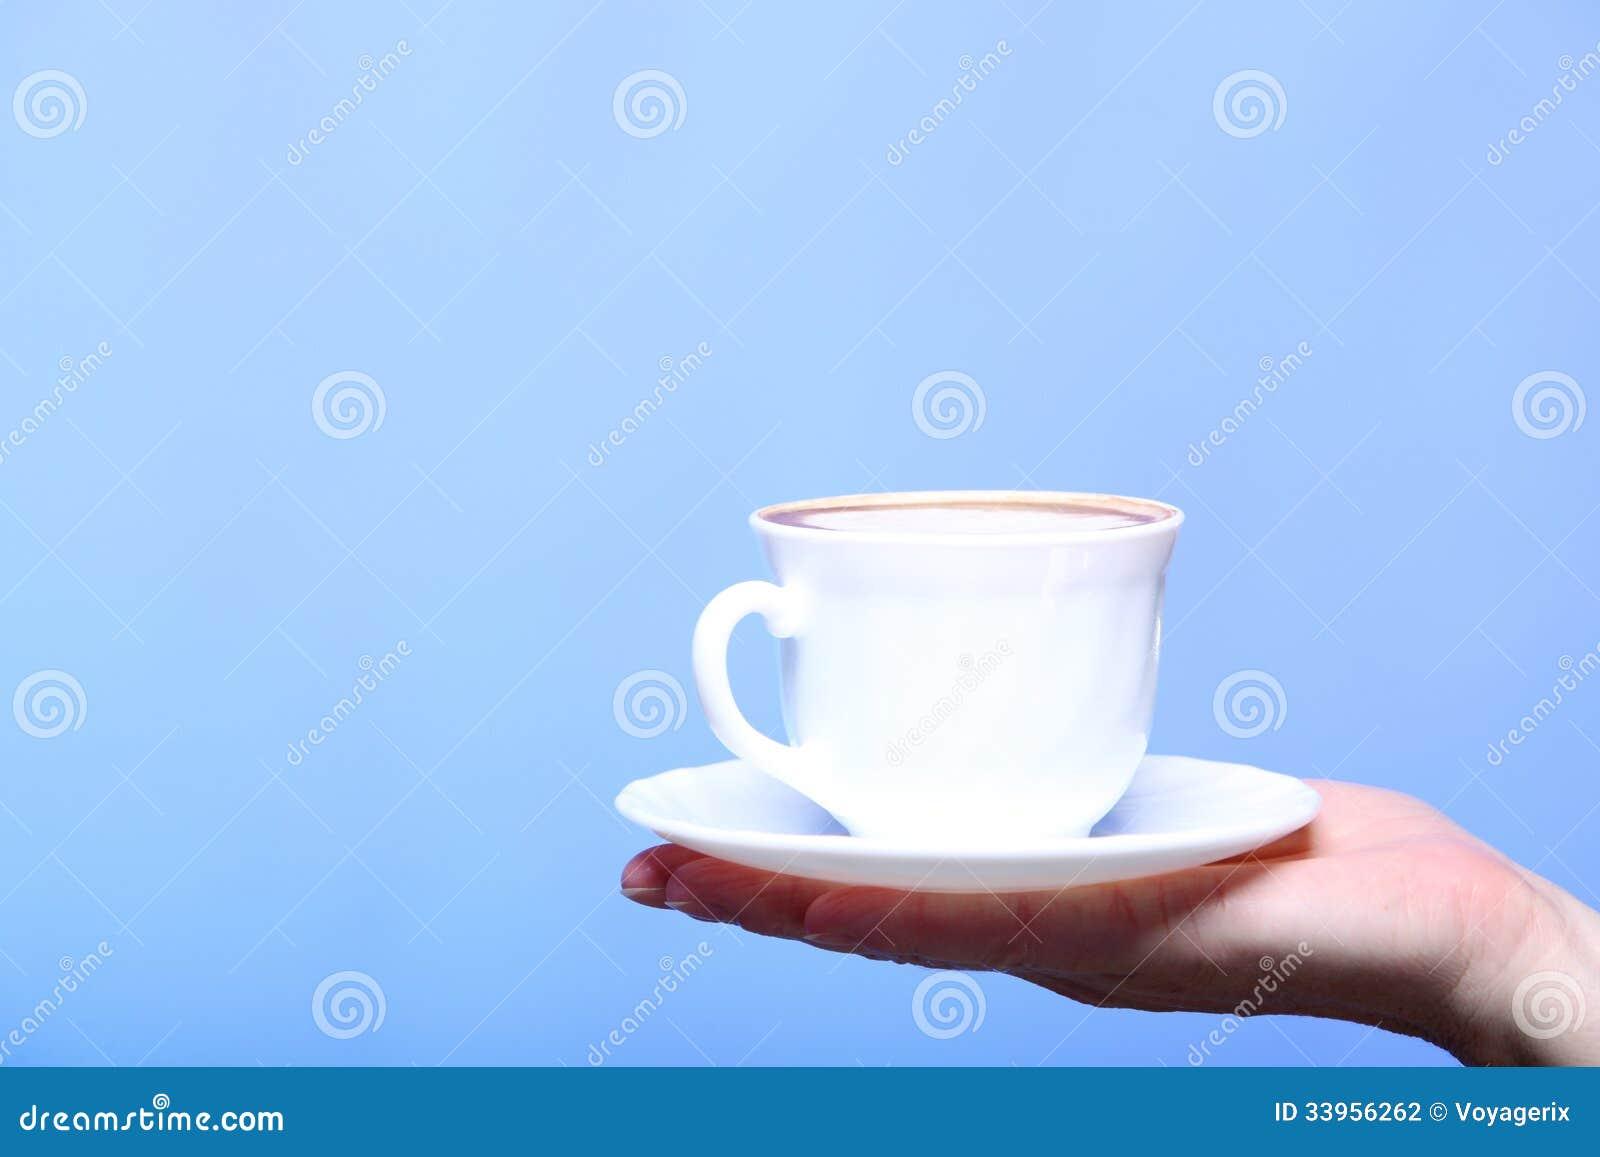 Weibliche Hand, die Schale heißen Lattekaffeecappuccino hält